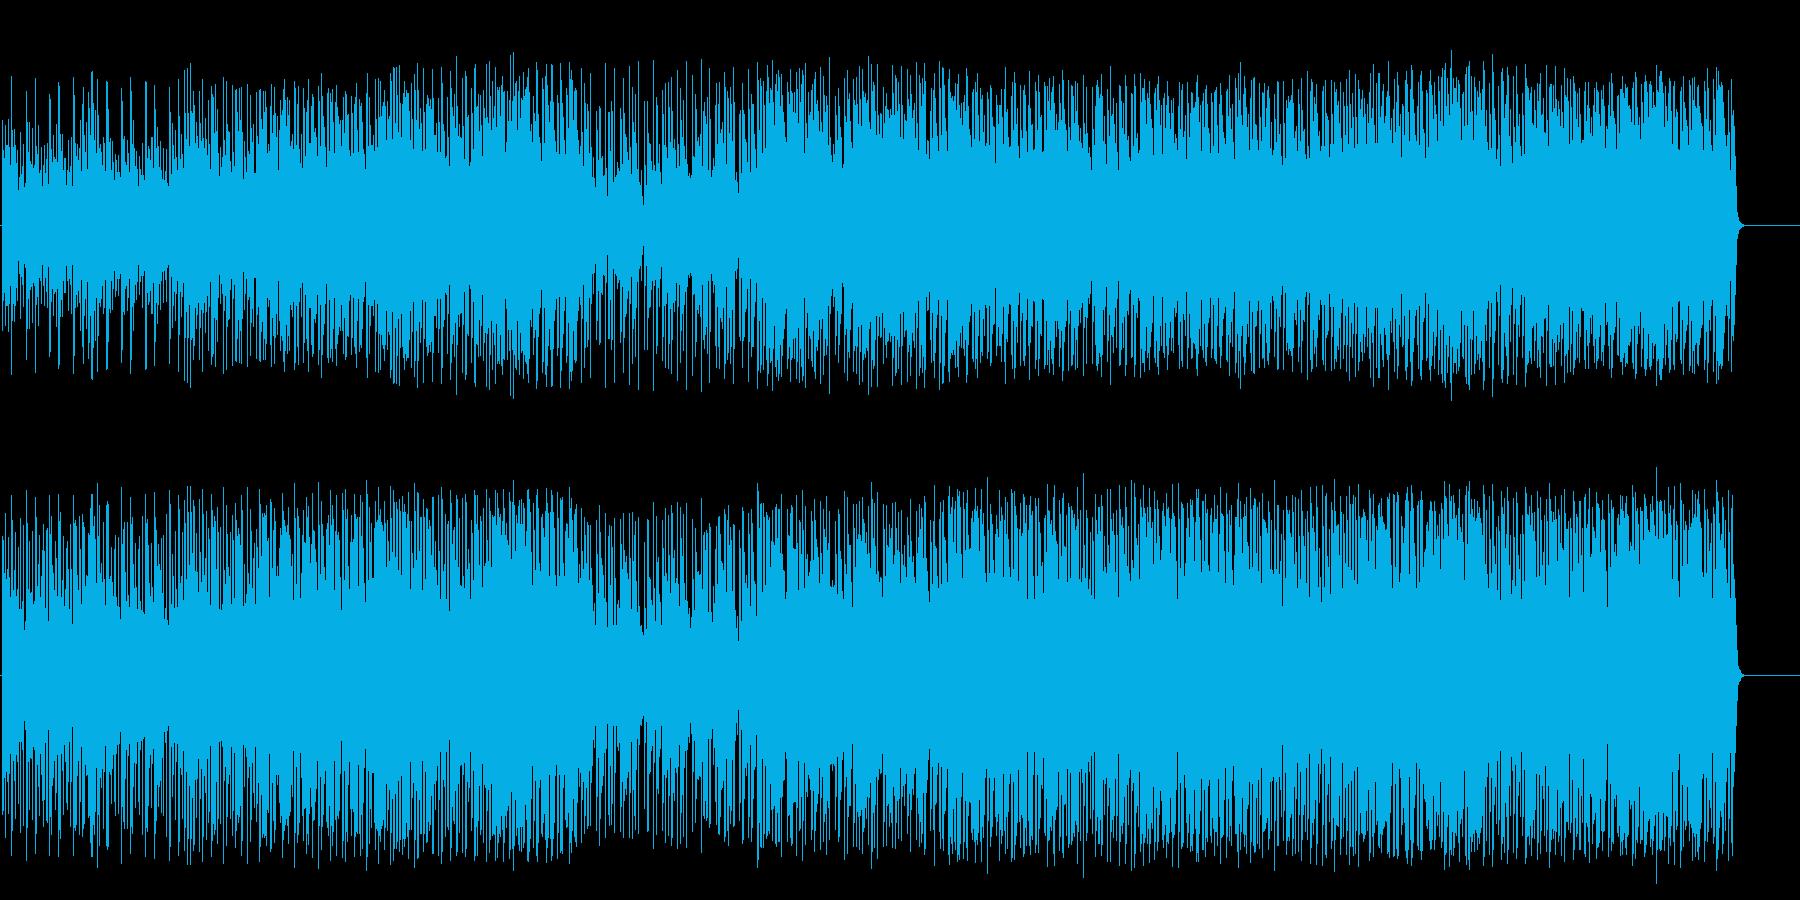 深夜ドラマ風重厚なマイナーテクノポップの再生済みの波形